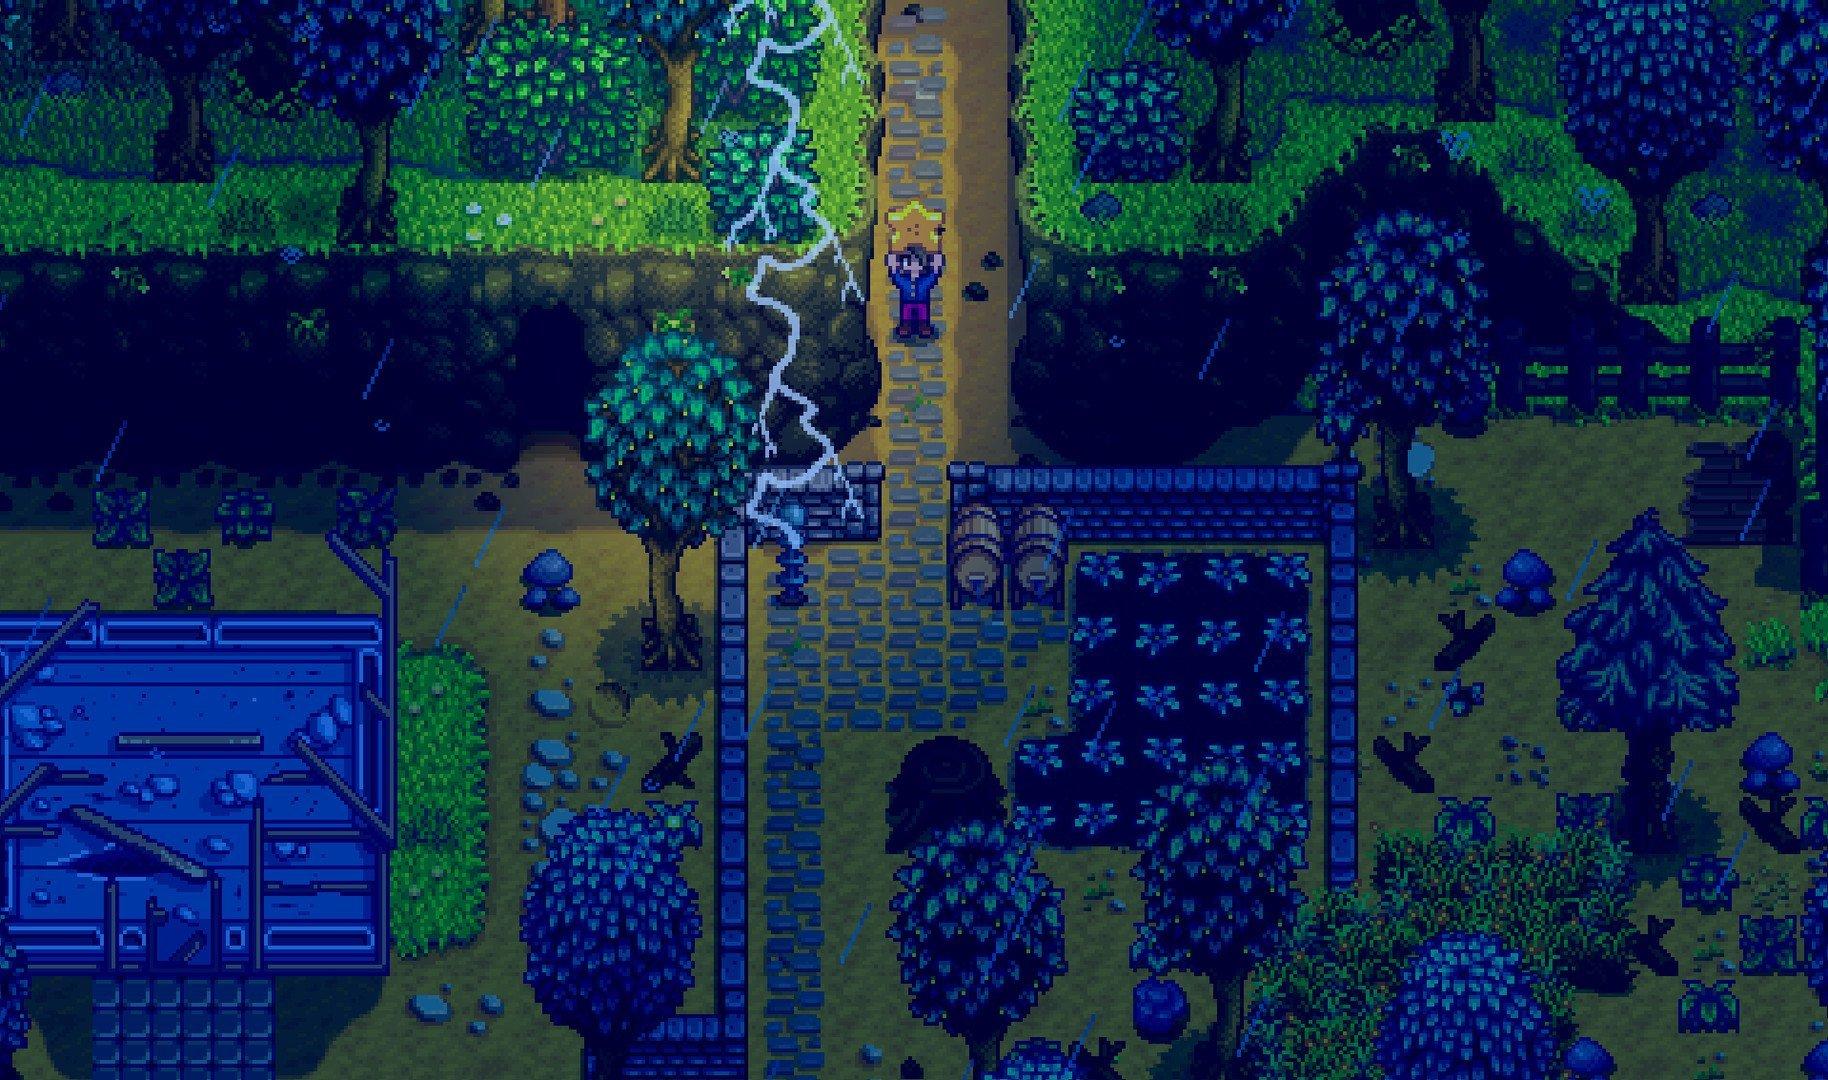 Скриншот к игре Stardew Valley v.1.4.3.379080781 [GOG] (2016) скачать торрент Лицензия